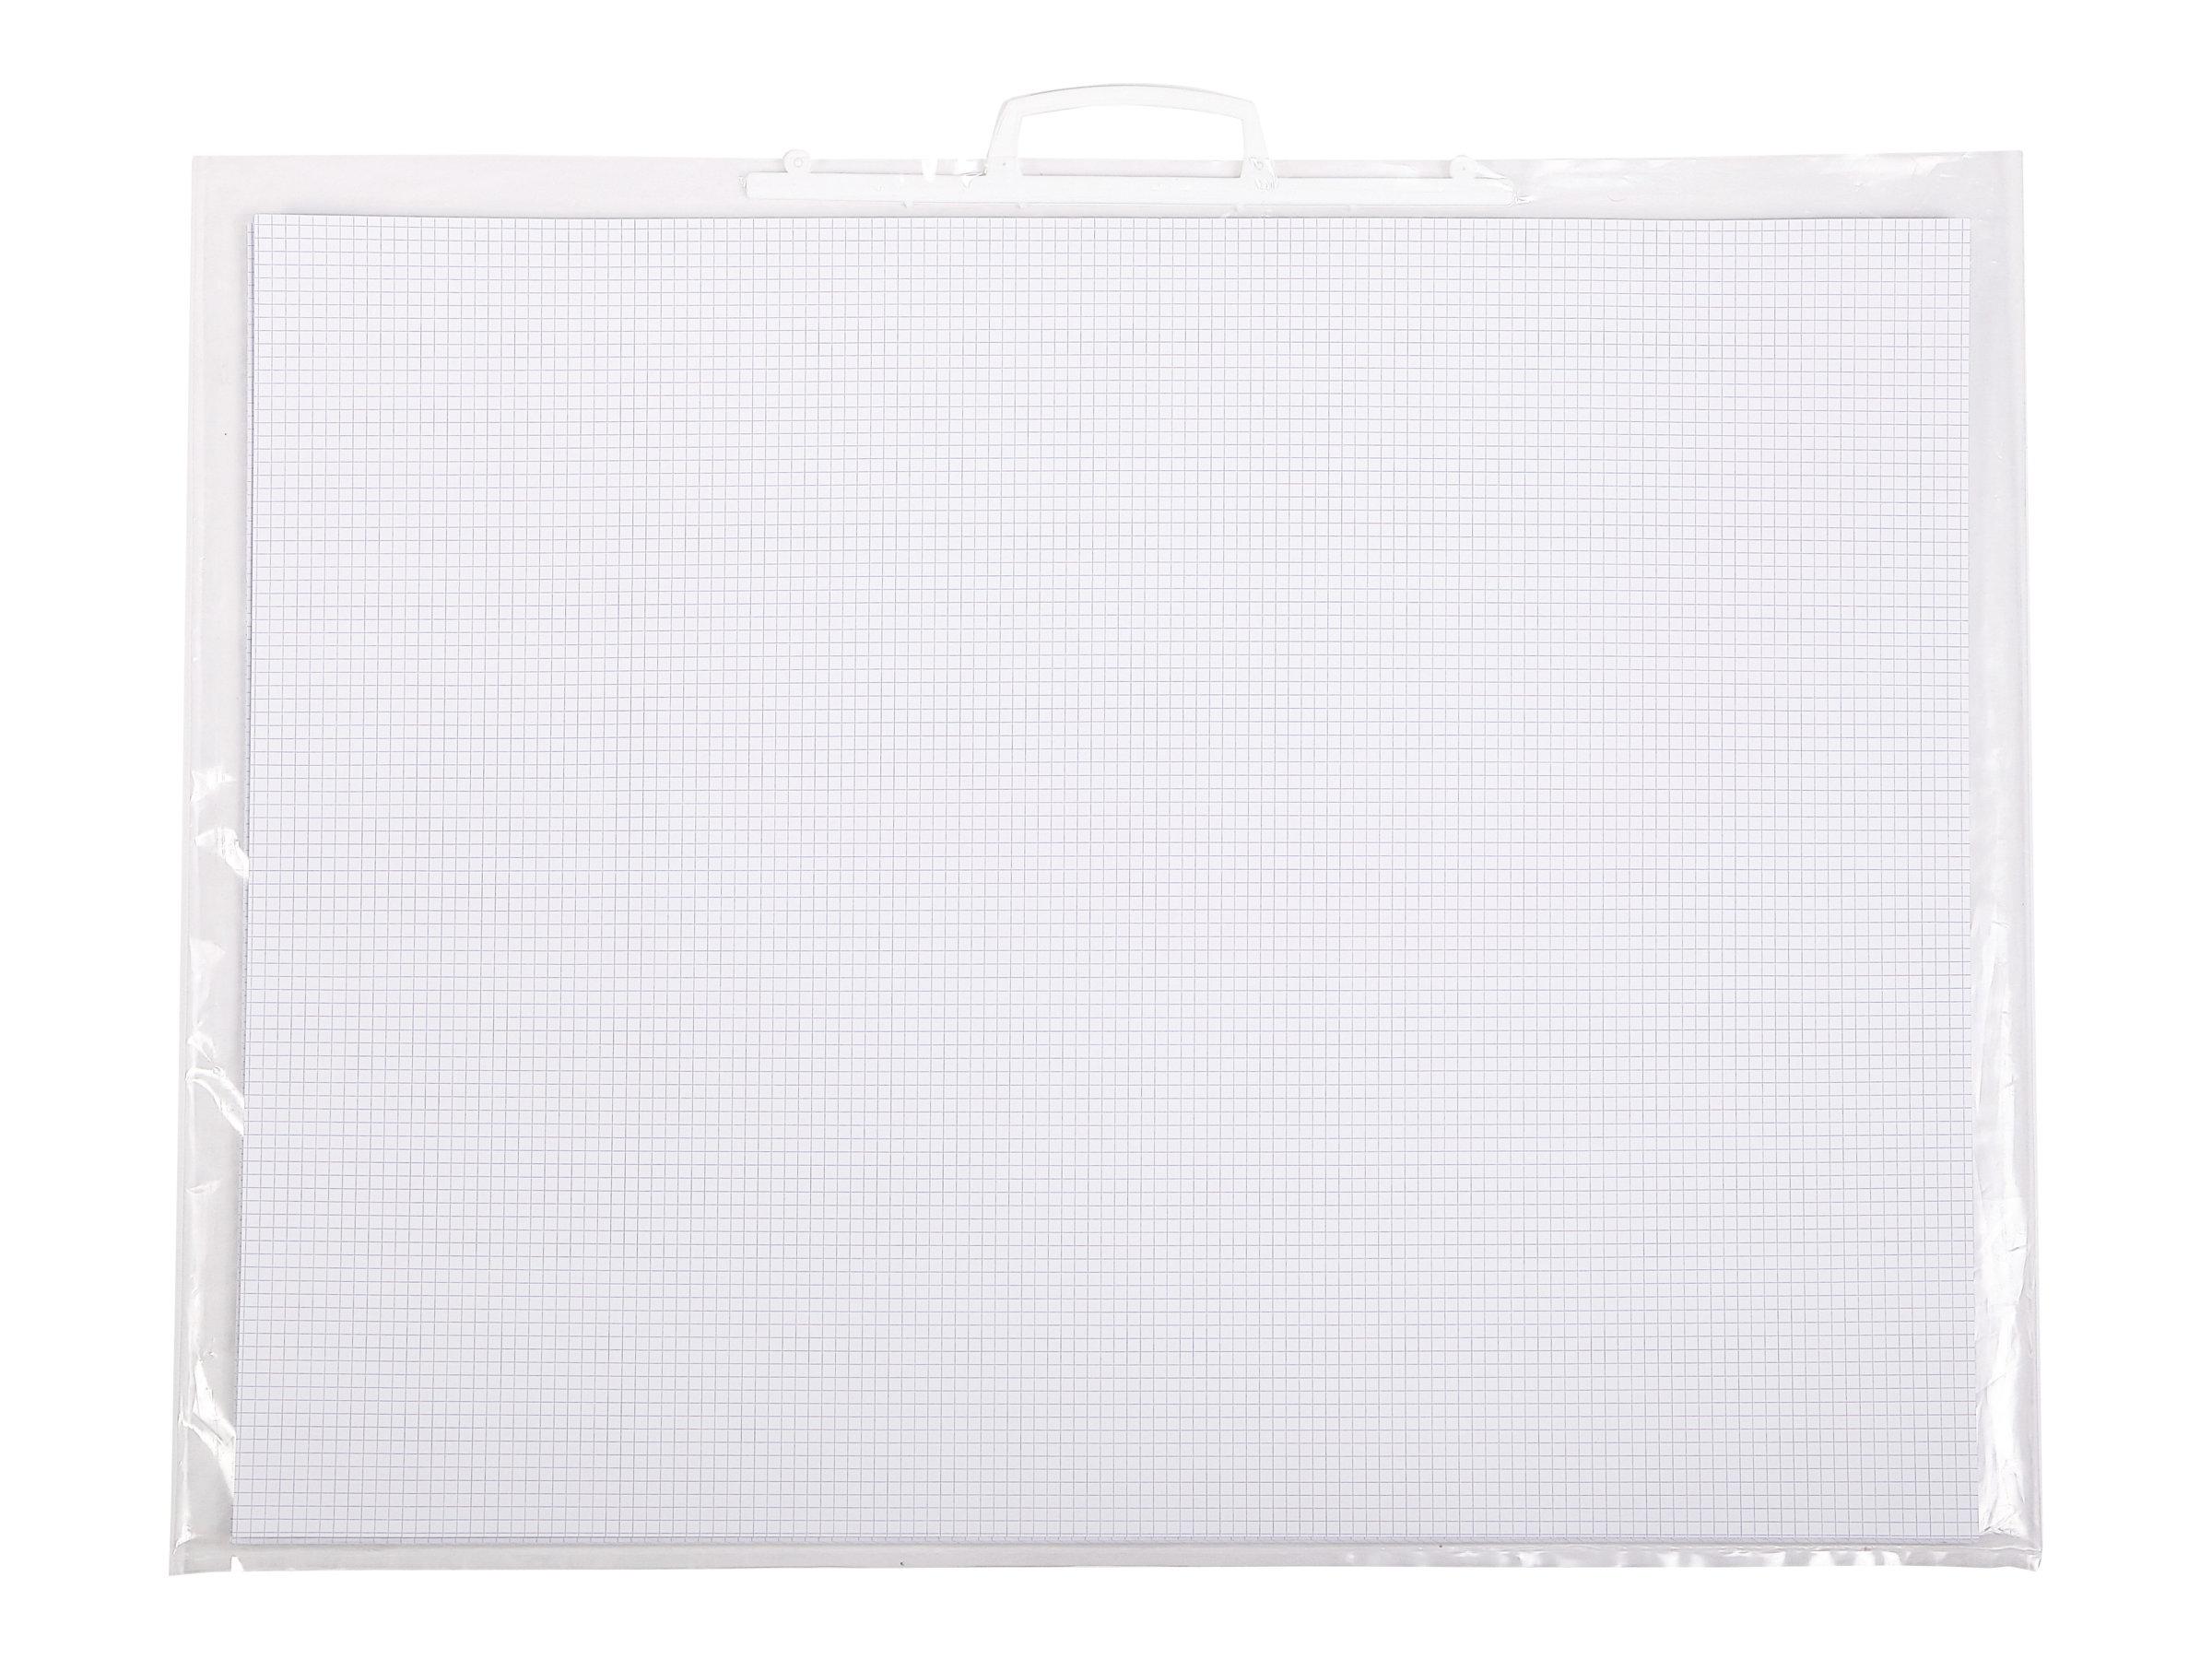 Clairefontaine - Feuille bristol - 50 x 65 cm - extra blanc - quadrillé 5x5 mm